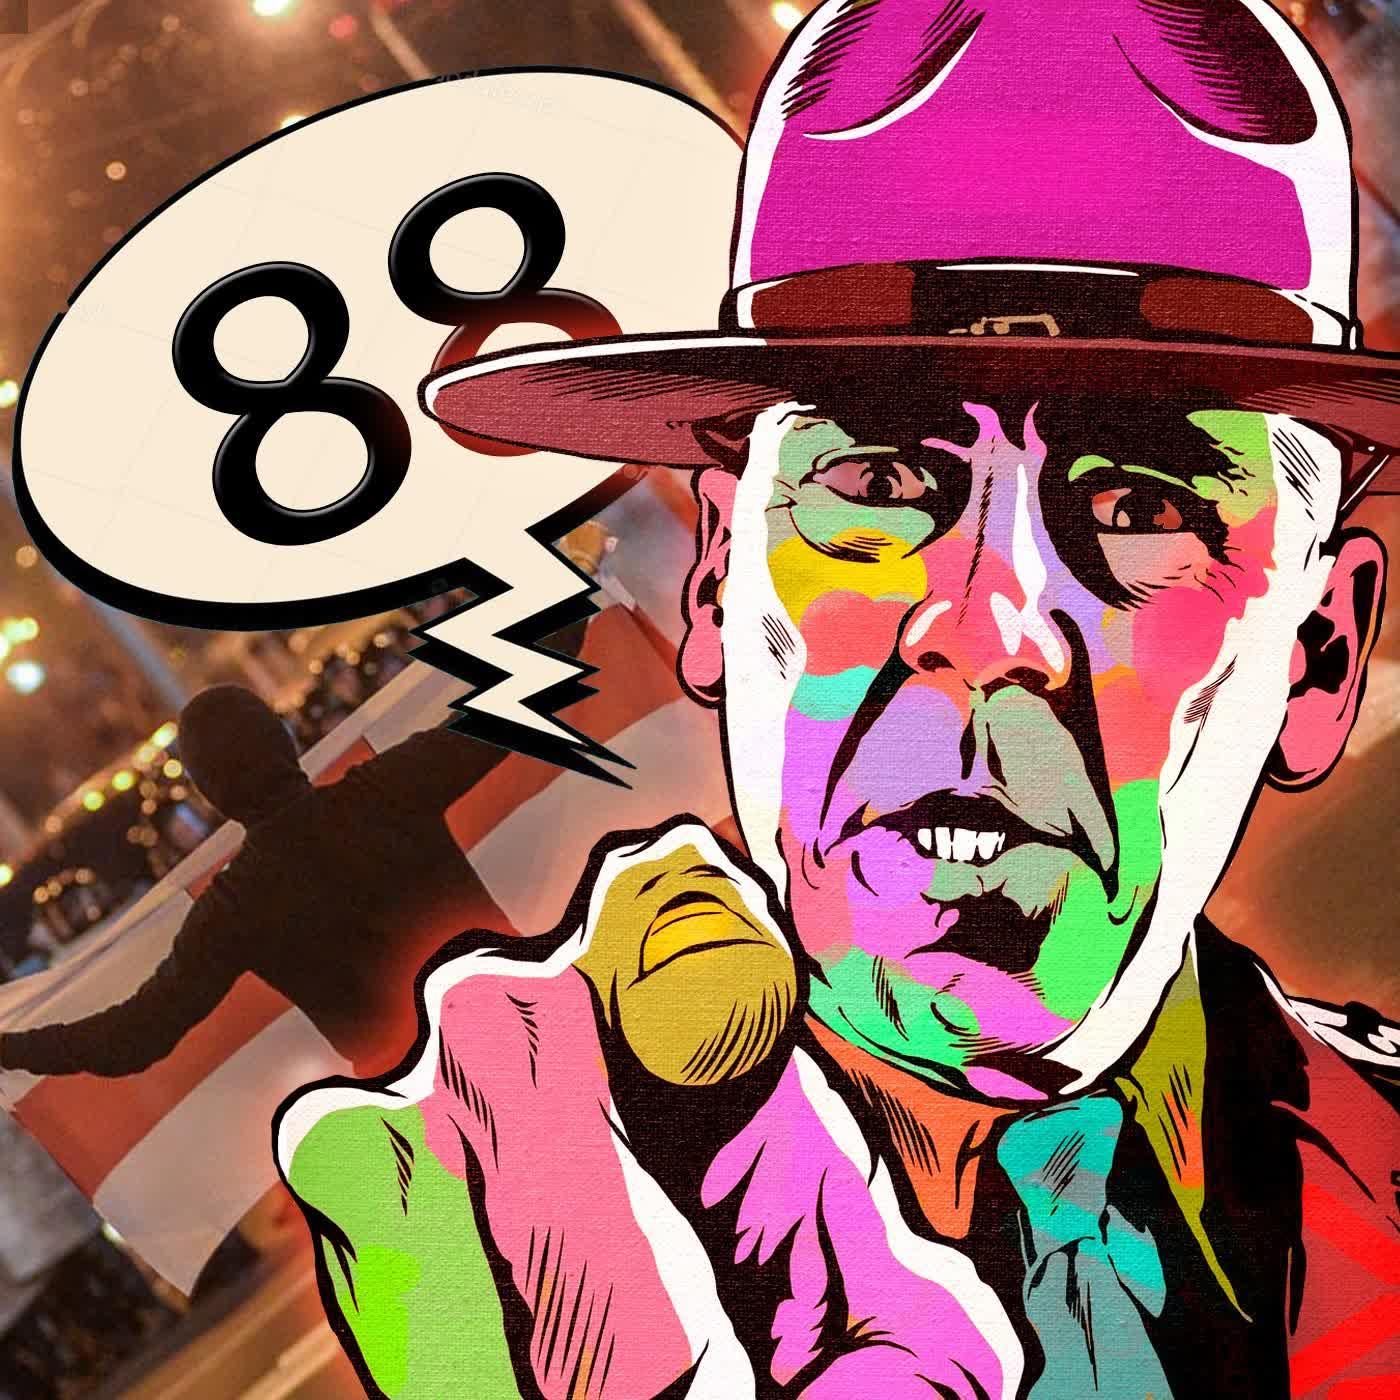 88 - Протесты в Беларуси, Точка невозврата, Лучший День Рождения #жывебеларусь